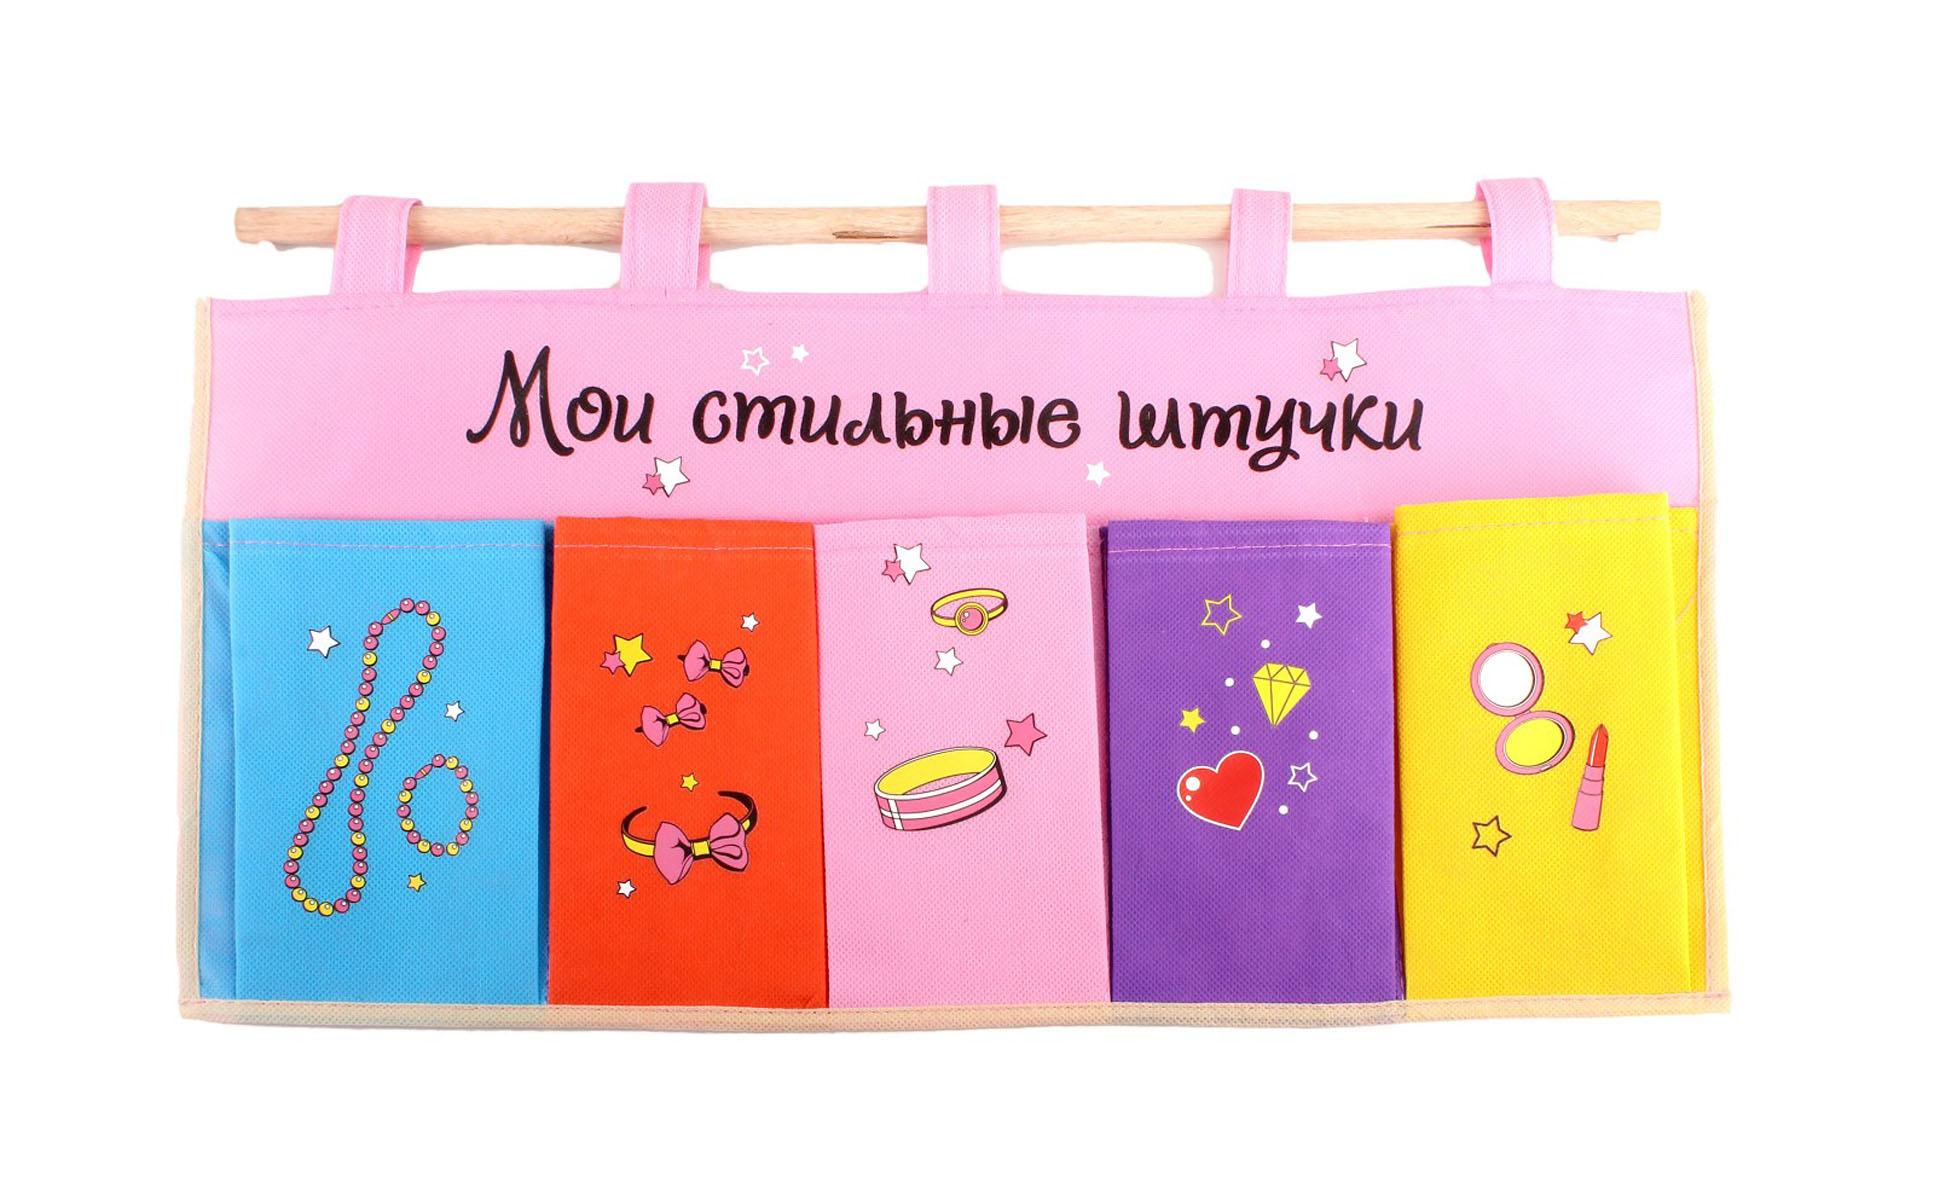 Кармашки на стену Sima-land Мои стильные штучки, цвет: розовый, синий, красный, 5 штU210DFКармашки на стену Sima-land «Мои стильные штучки», изготовленные из текстиля, предназначены для хранения необходимых вещей, множества мелочей в гардеробной, ванной, детской комнатах. Изделие представляет собой текстильное полотно с пятью пришитыми кармашками. Благодаря деревянной планке и шнурку, кармашки можно подвесить на стену или дверь в необходимом для вас месте. Кармашки декорированы изображениями бус, колечек, зеркальца и надписью «Мои стильные штучки».Этот нужный предмет может стать одновременно и декоративным элементом комнаты. Яркий дизайн, как ничто иное, способен оживить интерьер вашего дома.